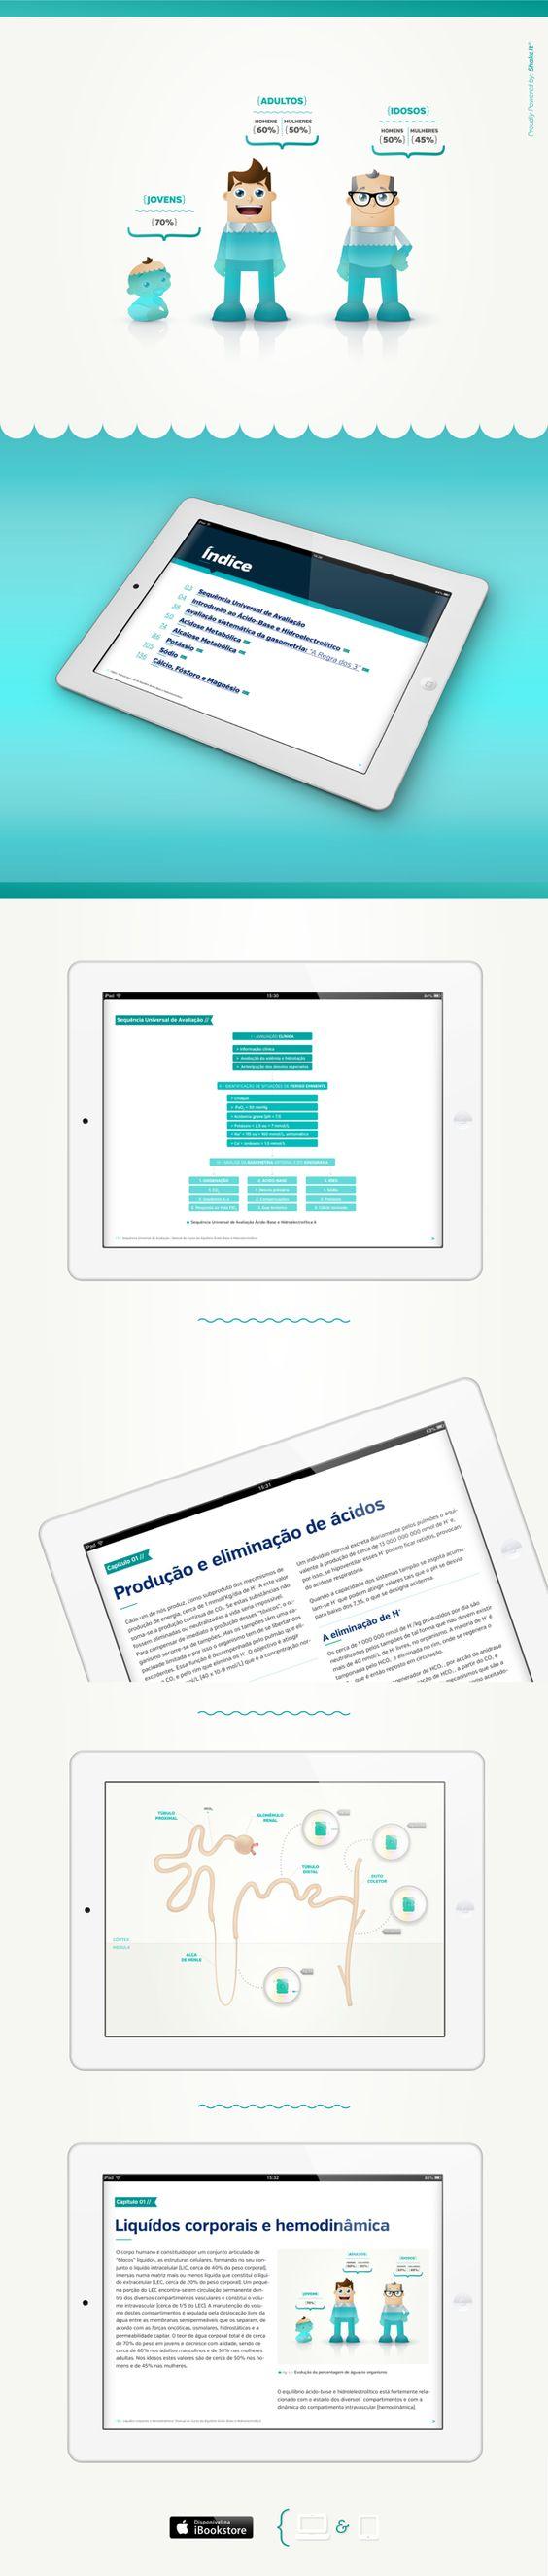 iBook 'Equilíbrio Ácido-Base e Hidroelectrolítico' (Editorial Design, Graphic Design, Illustration)